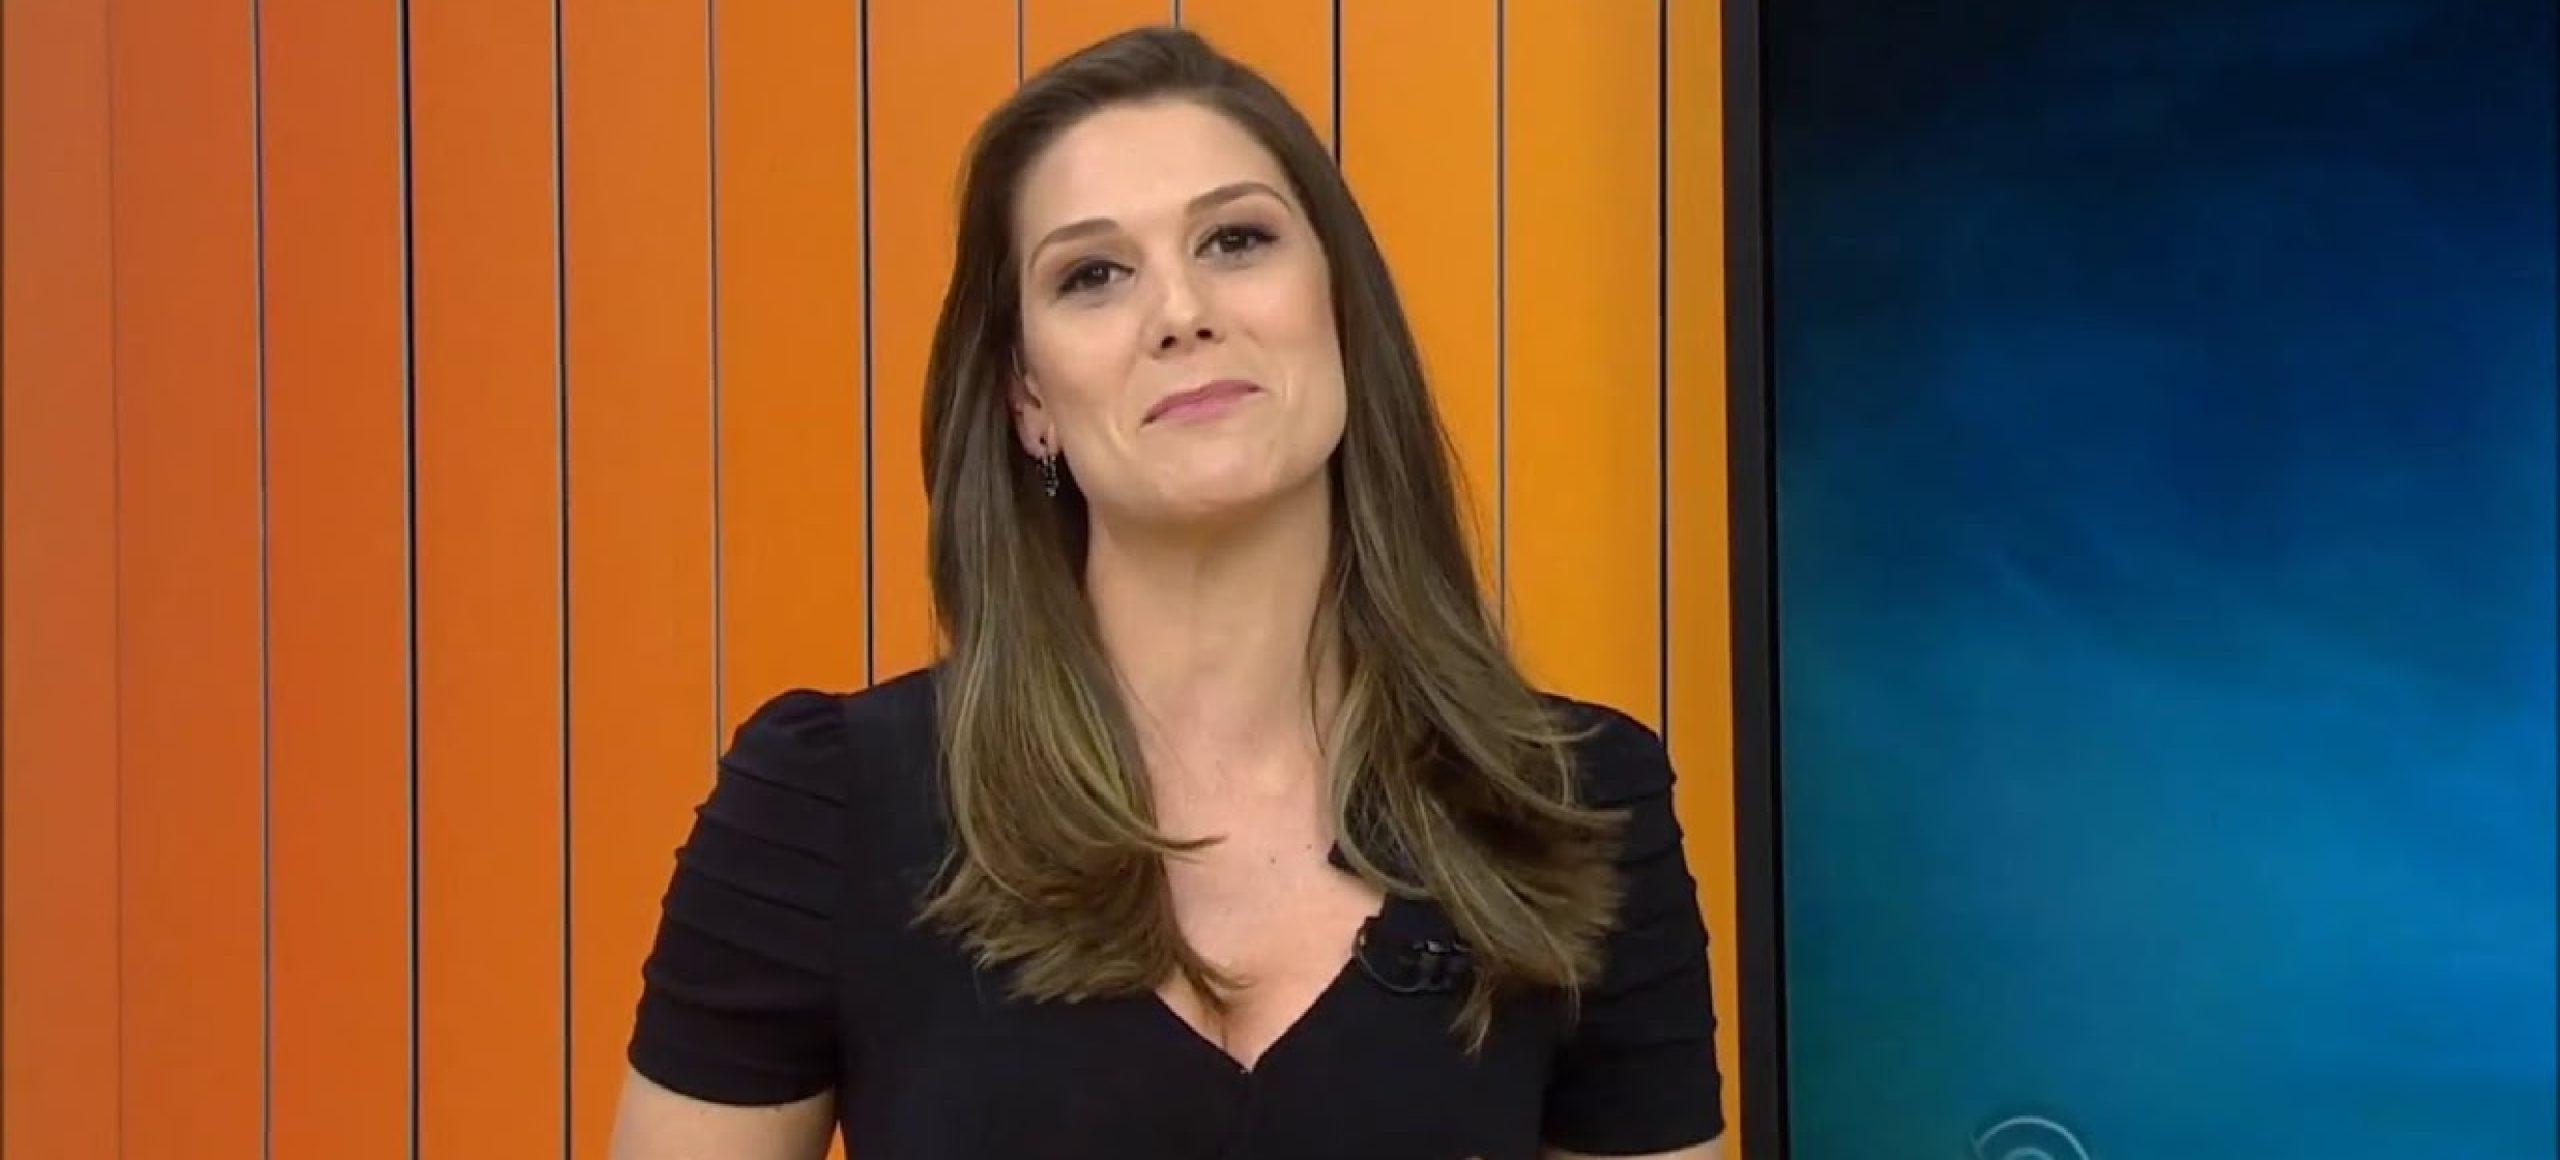 A jornalista Brunna Colossi no estúdio do Jornal do Almoço (foto: reprodução/RBSTV)